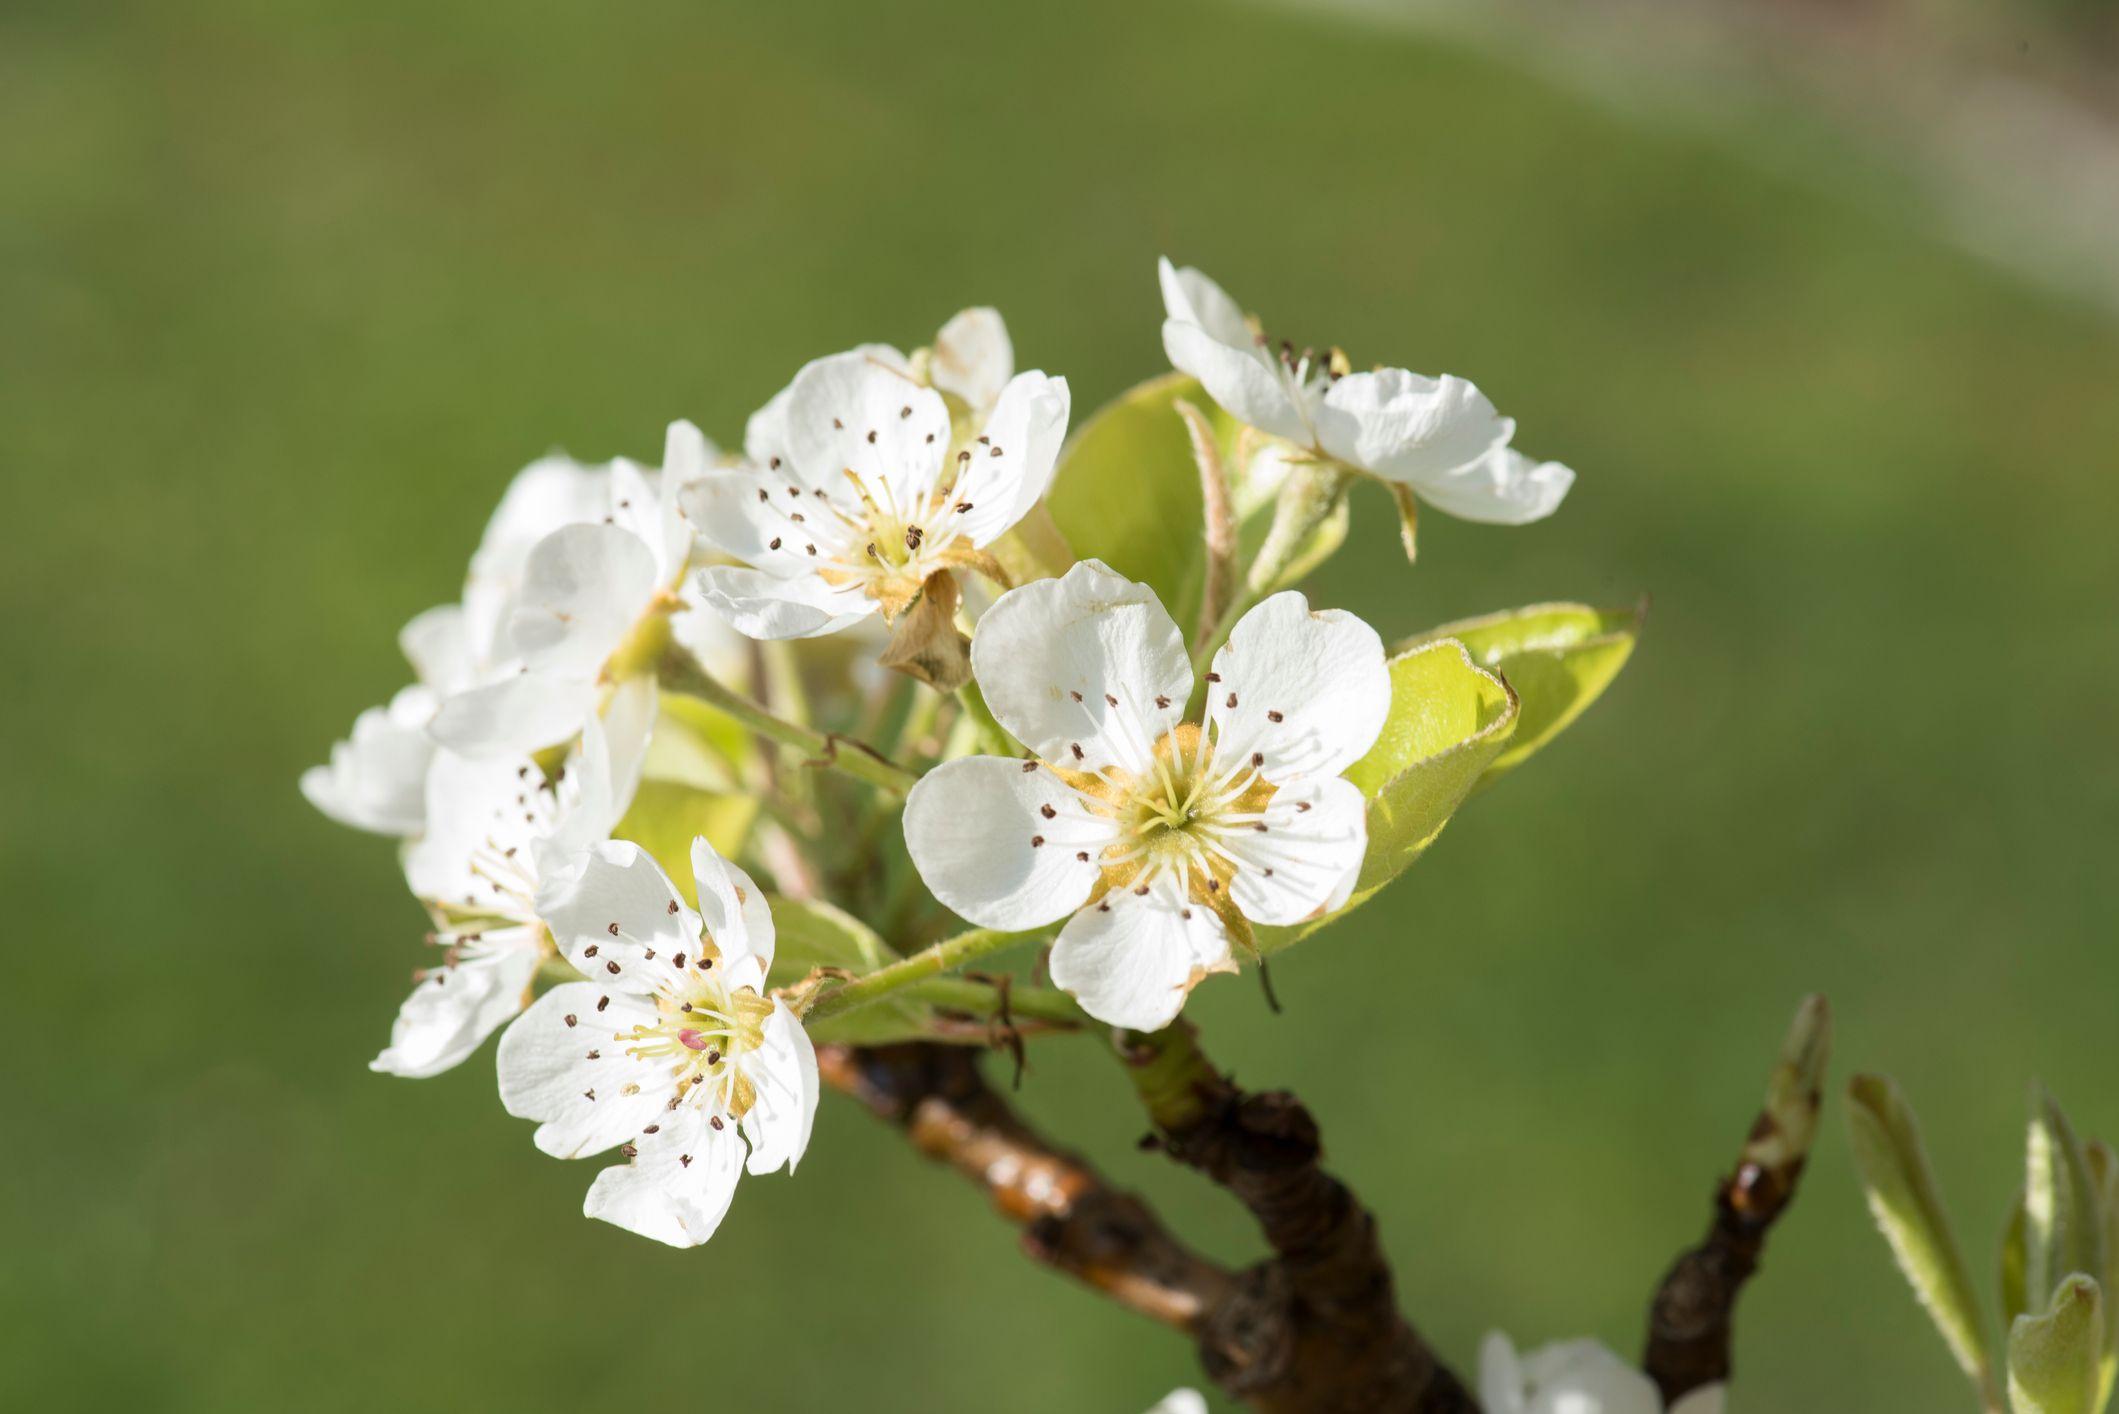 40. Apple Blossom - Arkansas